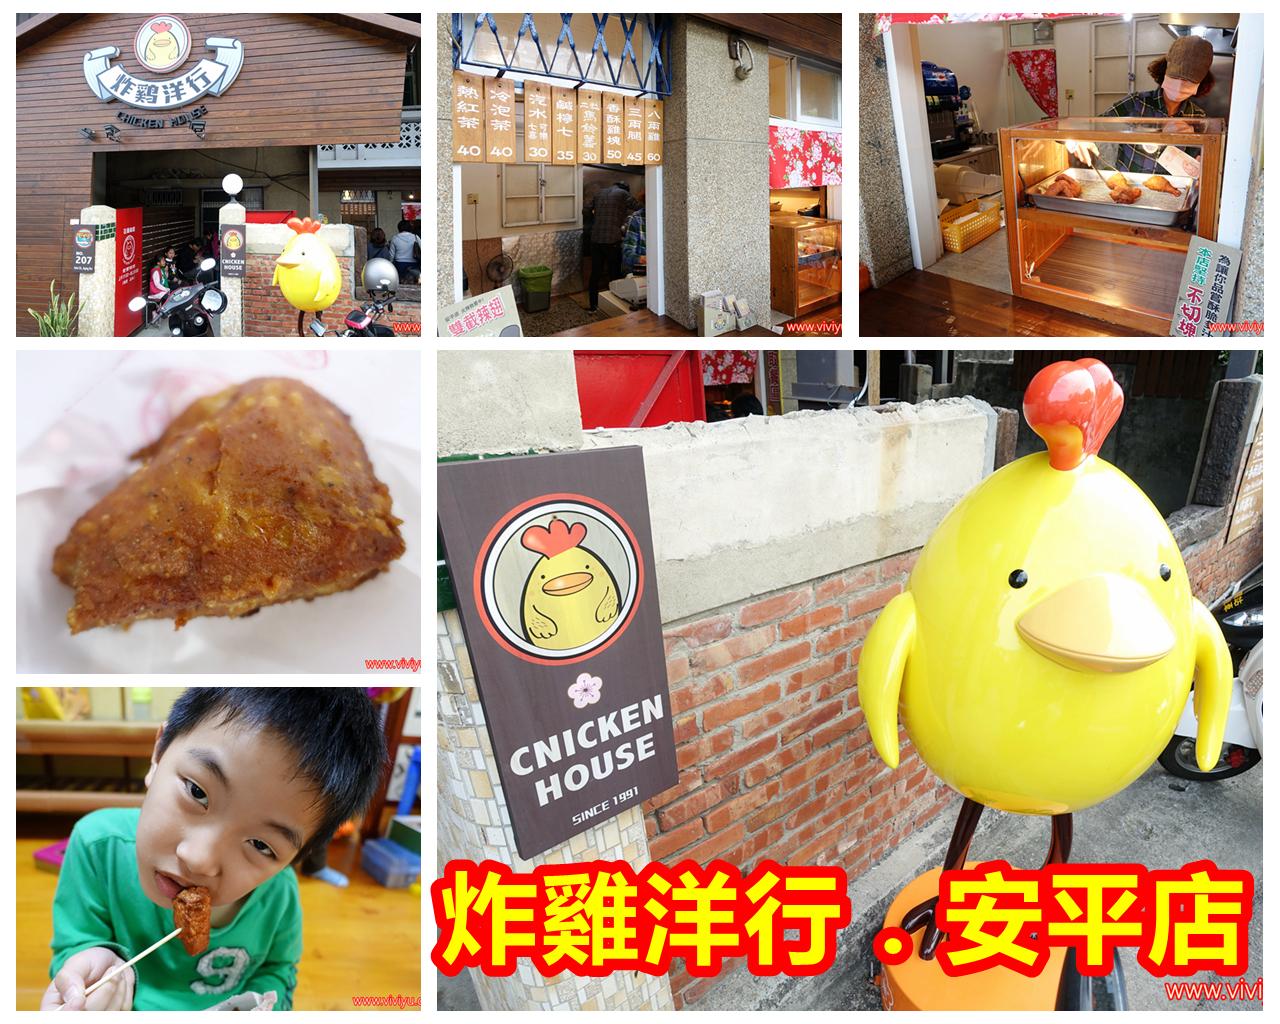 延伸閱讀:[台南.美食]炸雞洋行.安平店⓪台南小吃⓪~復古風潮老屋新開張.必吃美食八兩雞&三兩腿.炸雞酥脆又多汁